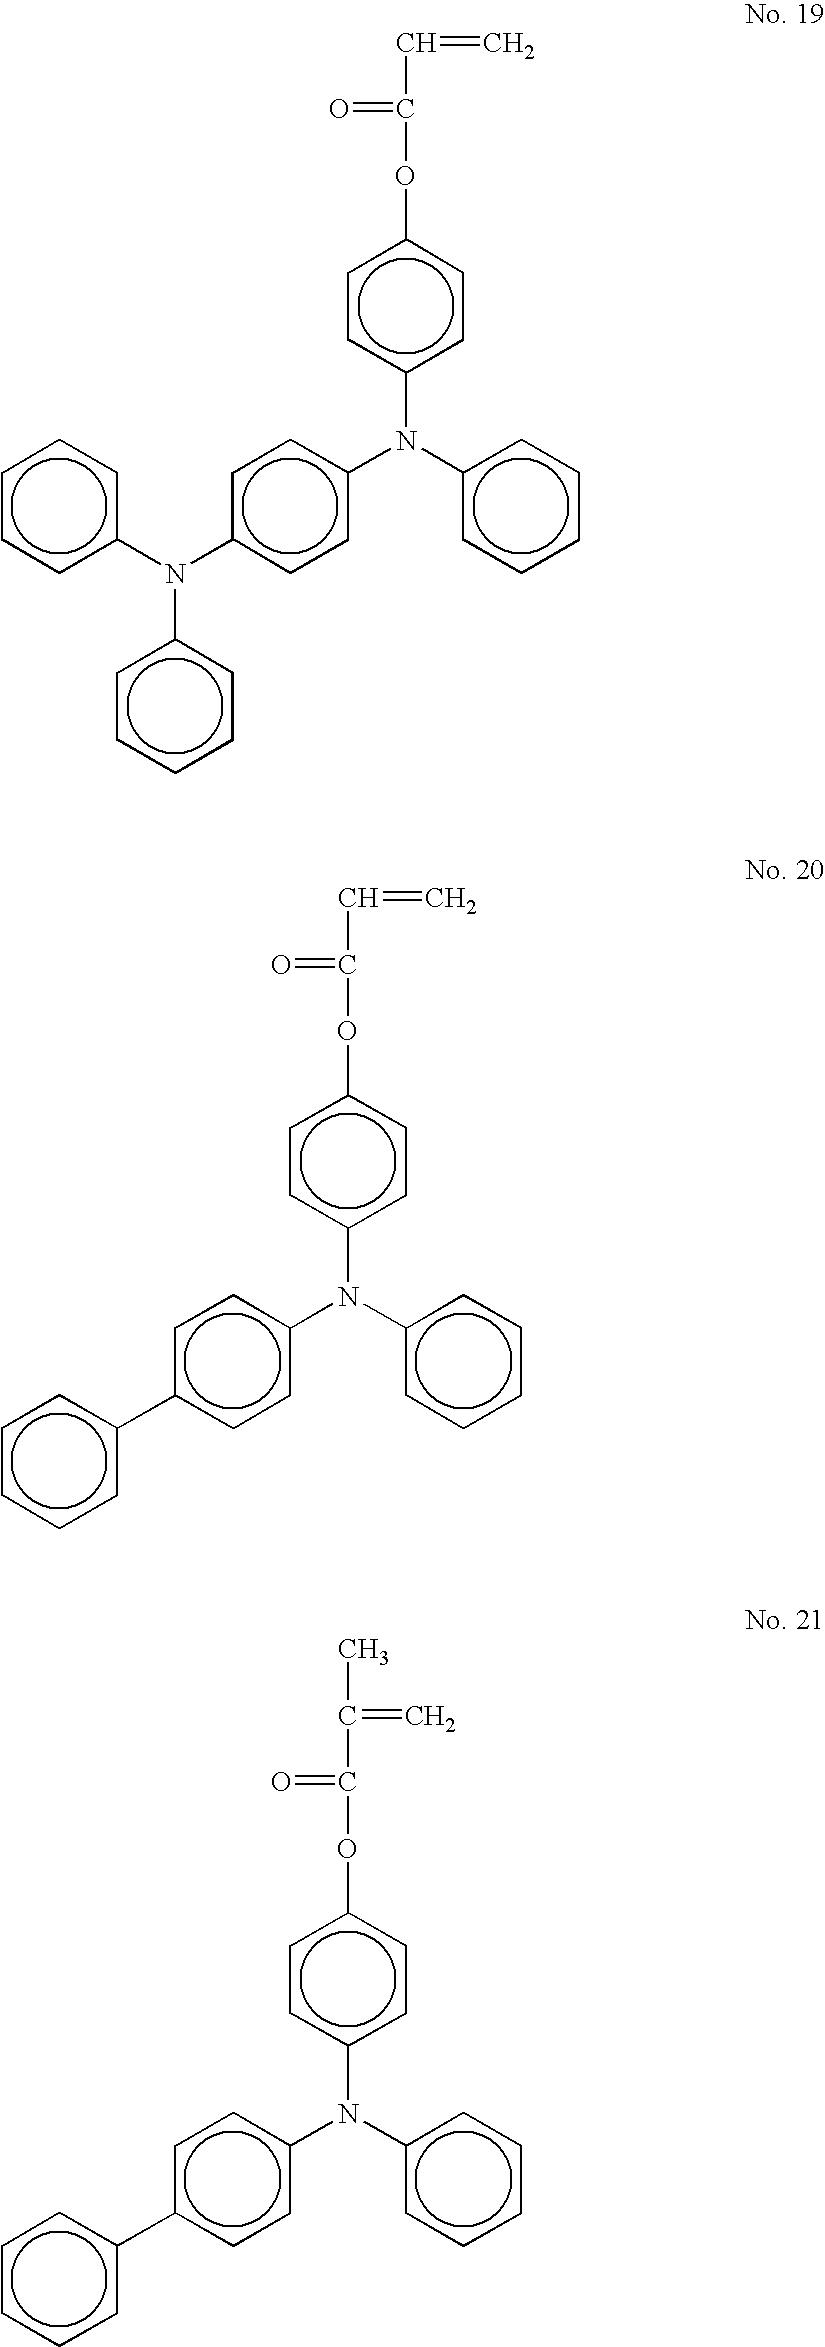 Figure US20040253527A1-20041216-C00018